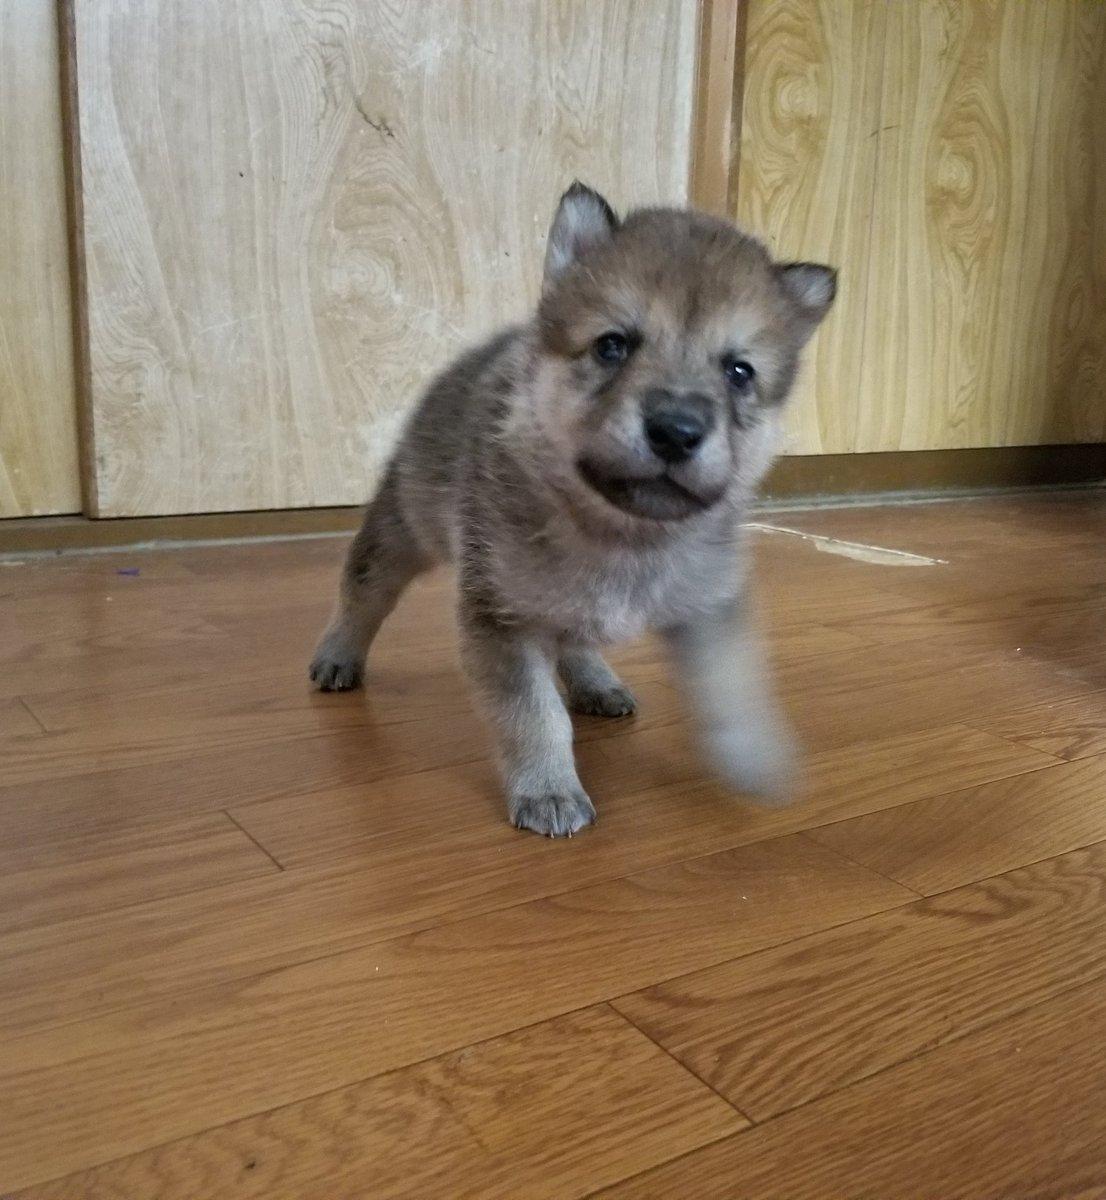 兄弟唯一の女の子(ピンクちゃん) 耳が立ってきたよー👂  #今日のオオカミ犬 #狼犬 #ウルフドッグ #オオカミ犬 #wolfdog #hybridwolf